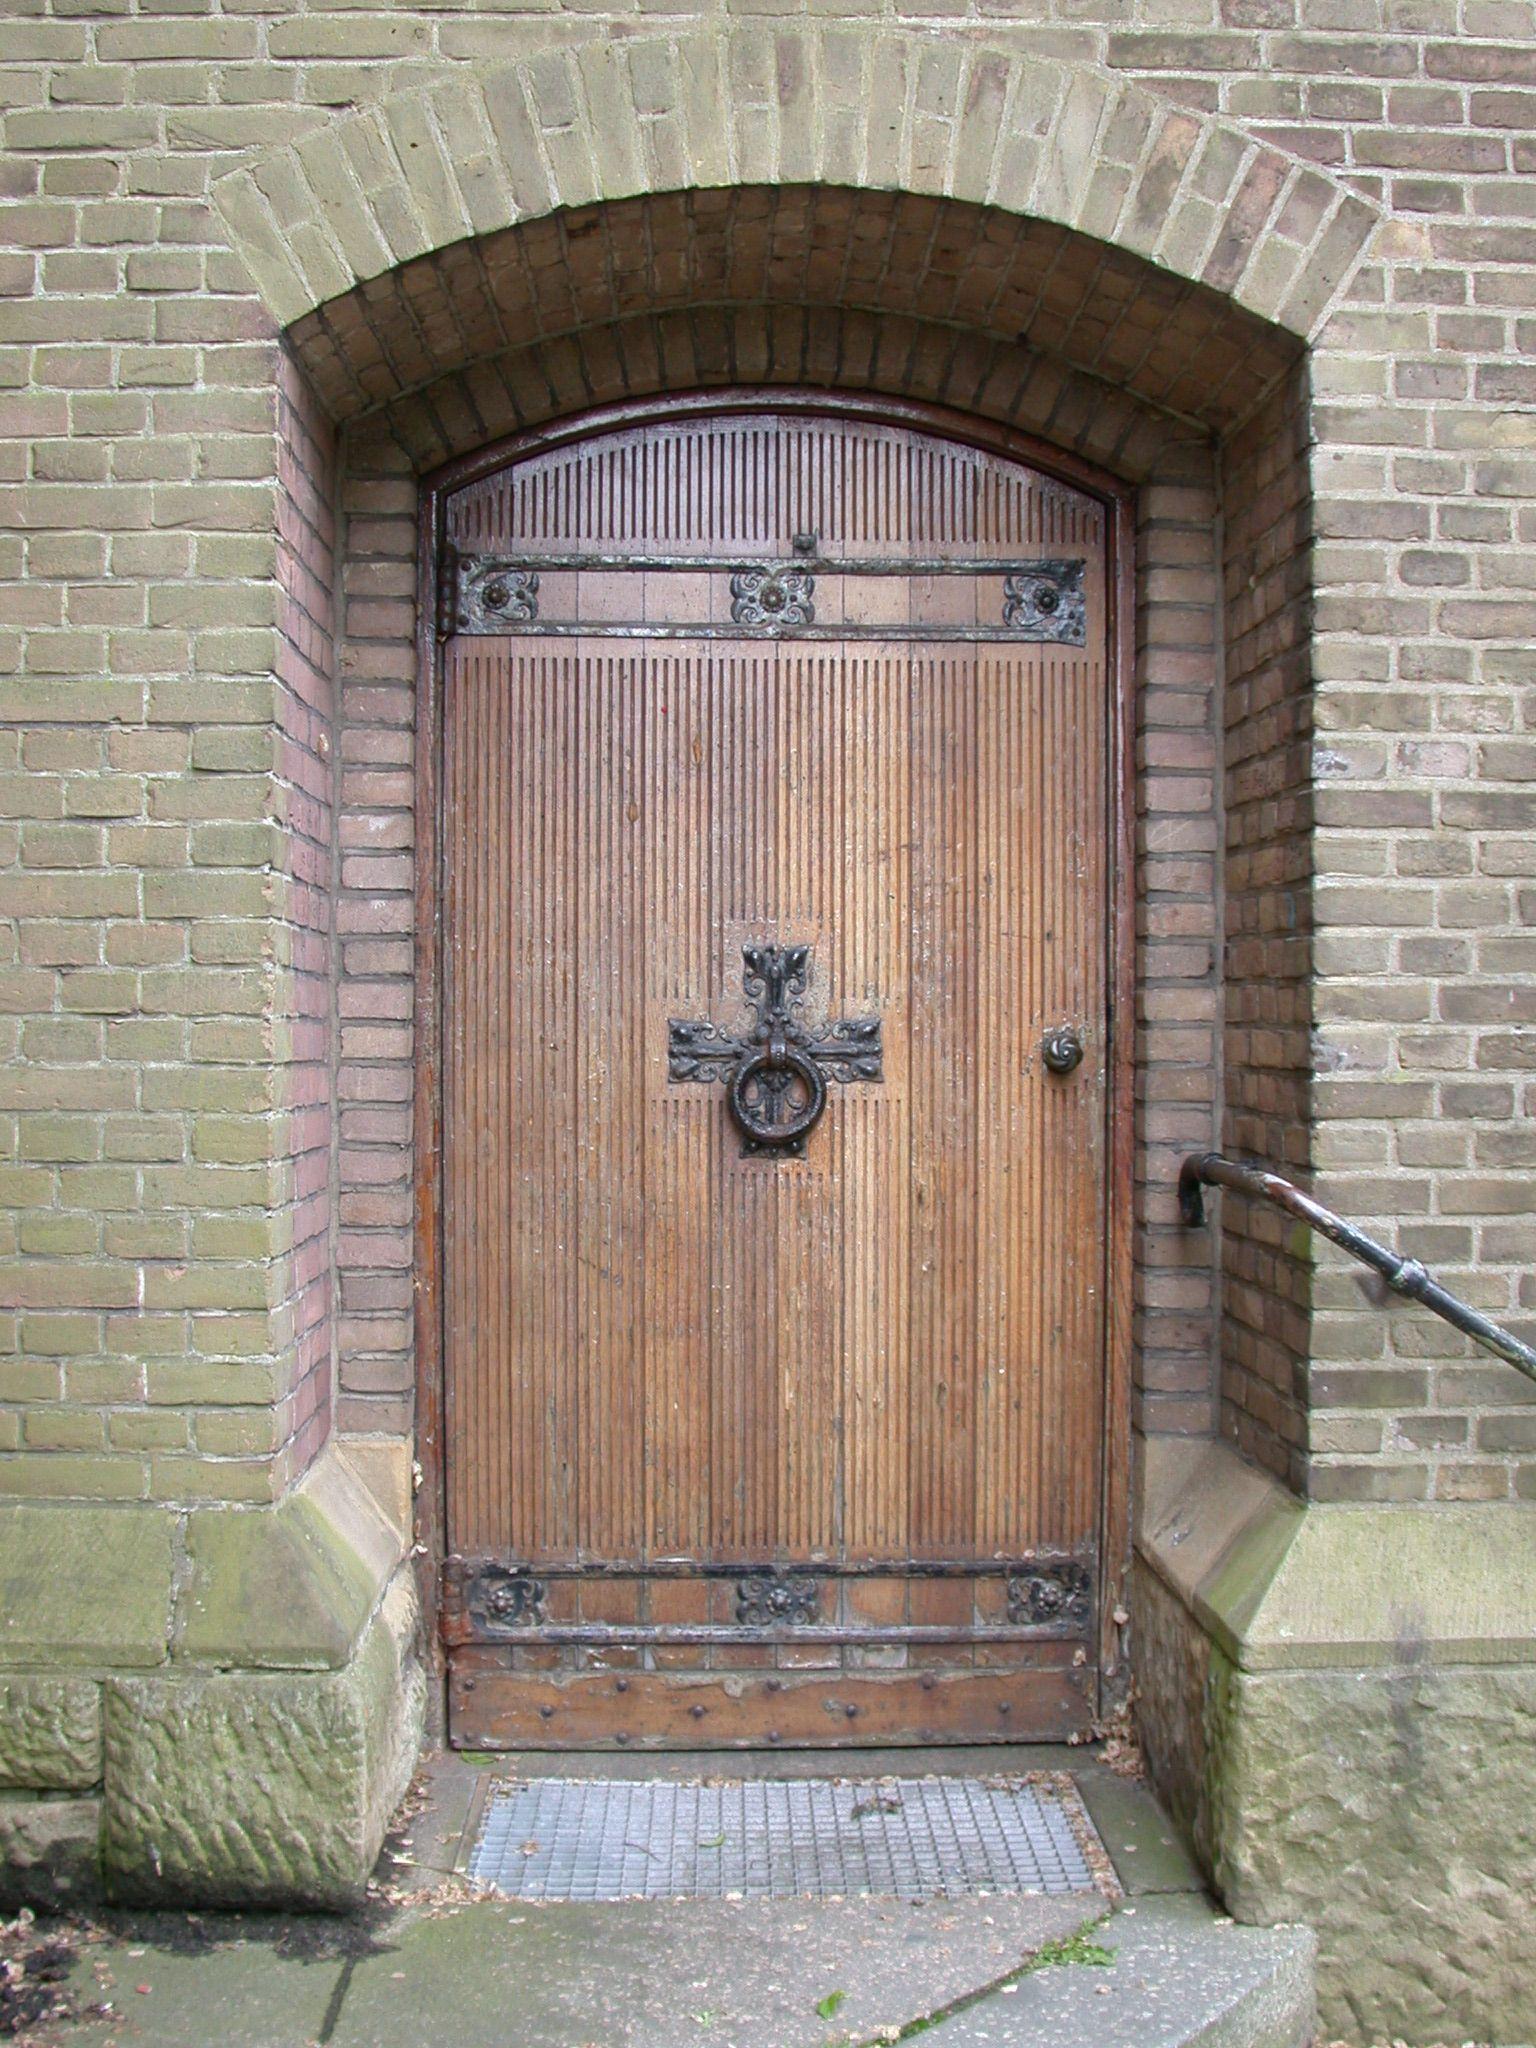 Medieval Wooden Doors Door Medieval Castle Wooden Heavy Bolt & Exciting Medieval Wooden Door Ideas - Ideas house design - younglove ...